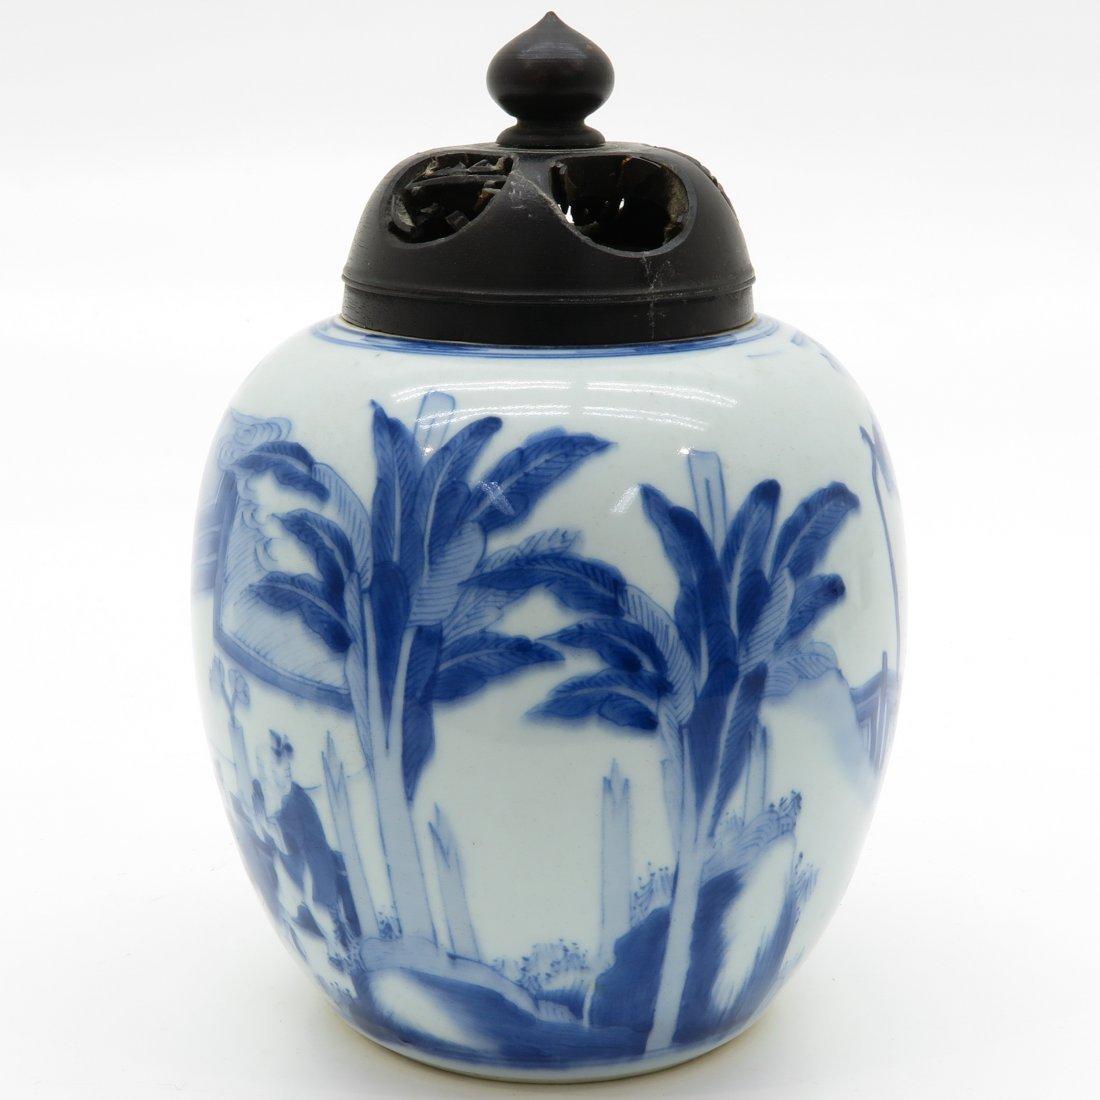 China Porcelain Ginger Jar - 3